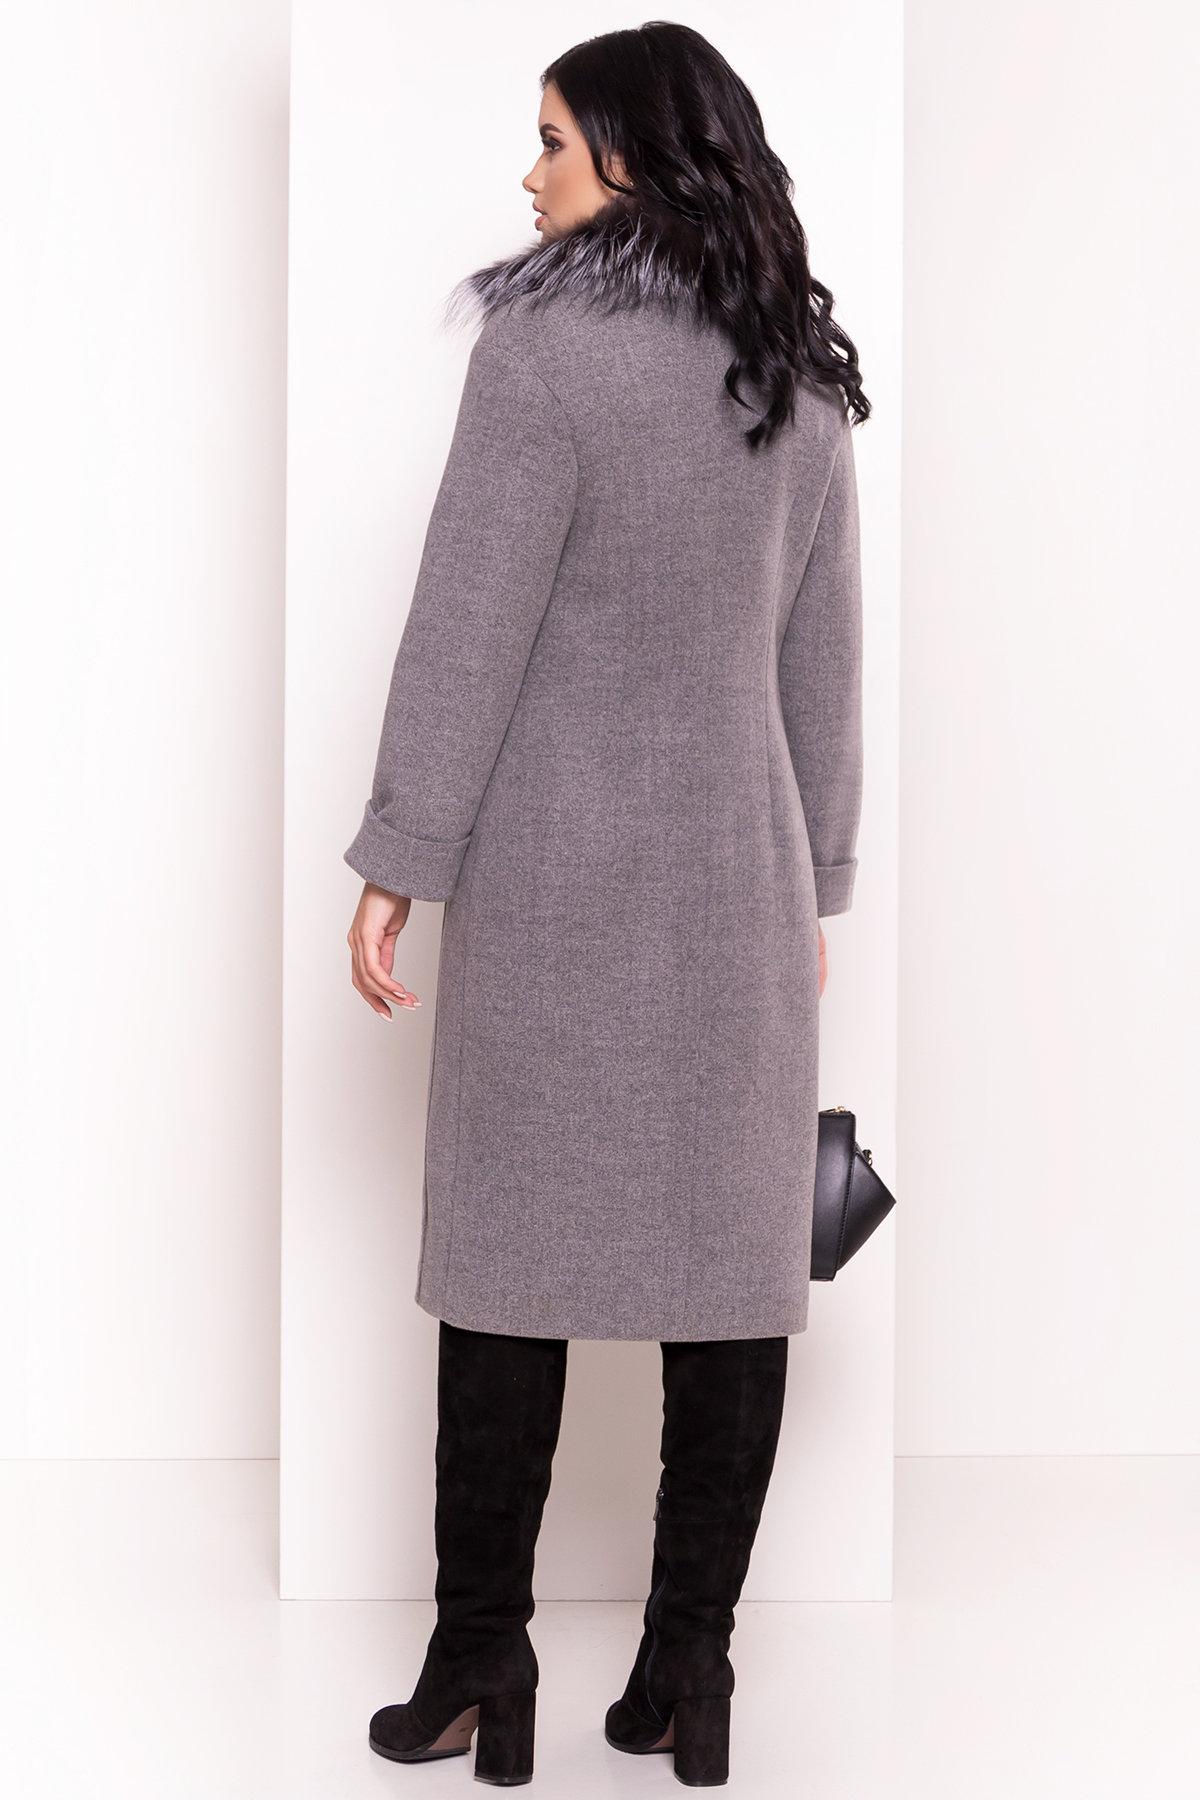 Зимнее приталенное пальто с поясом Богема 5706 АРТ. 38000 Цвет: Серый 18 - фото 2, интернет магазин tm-modus.ru